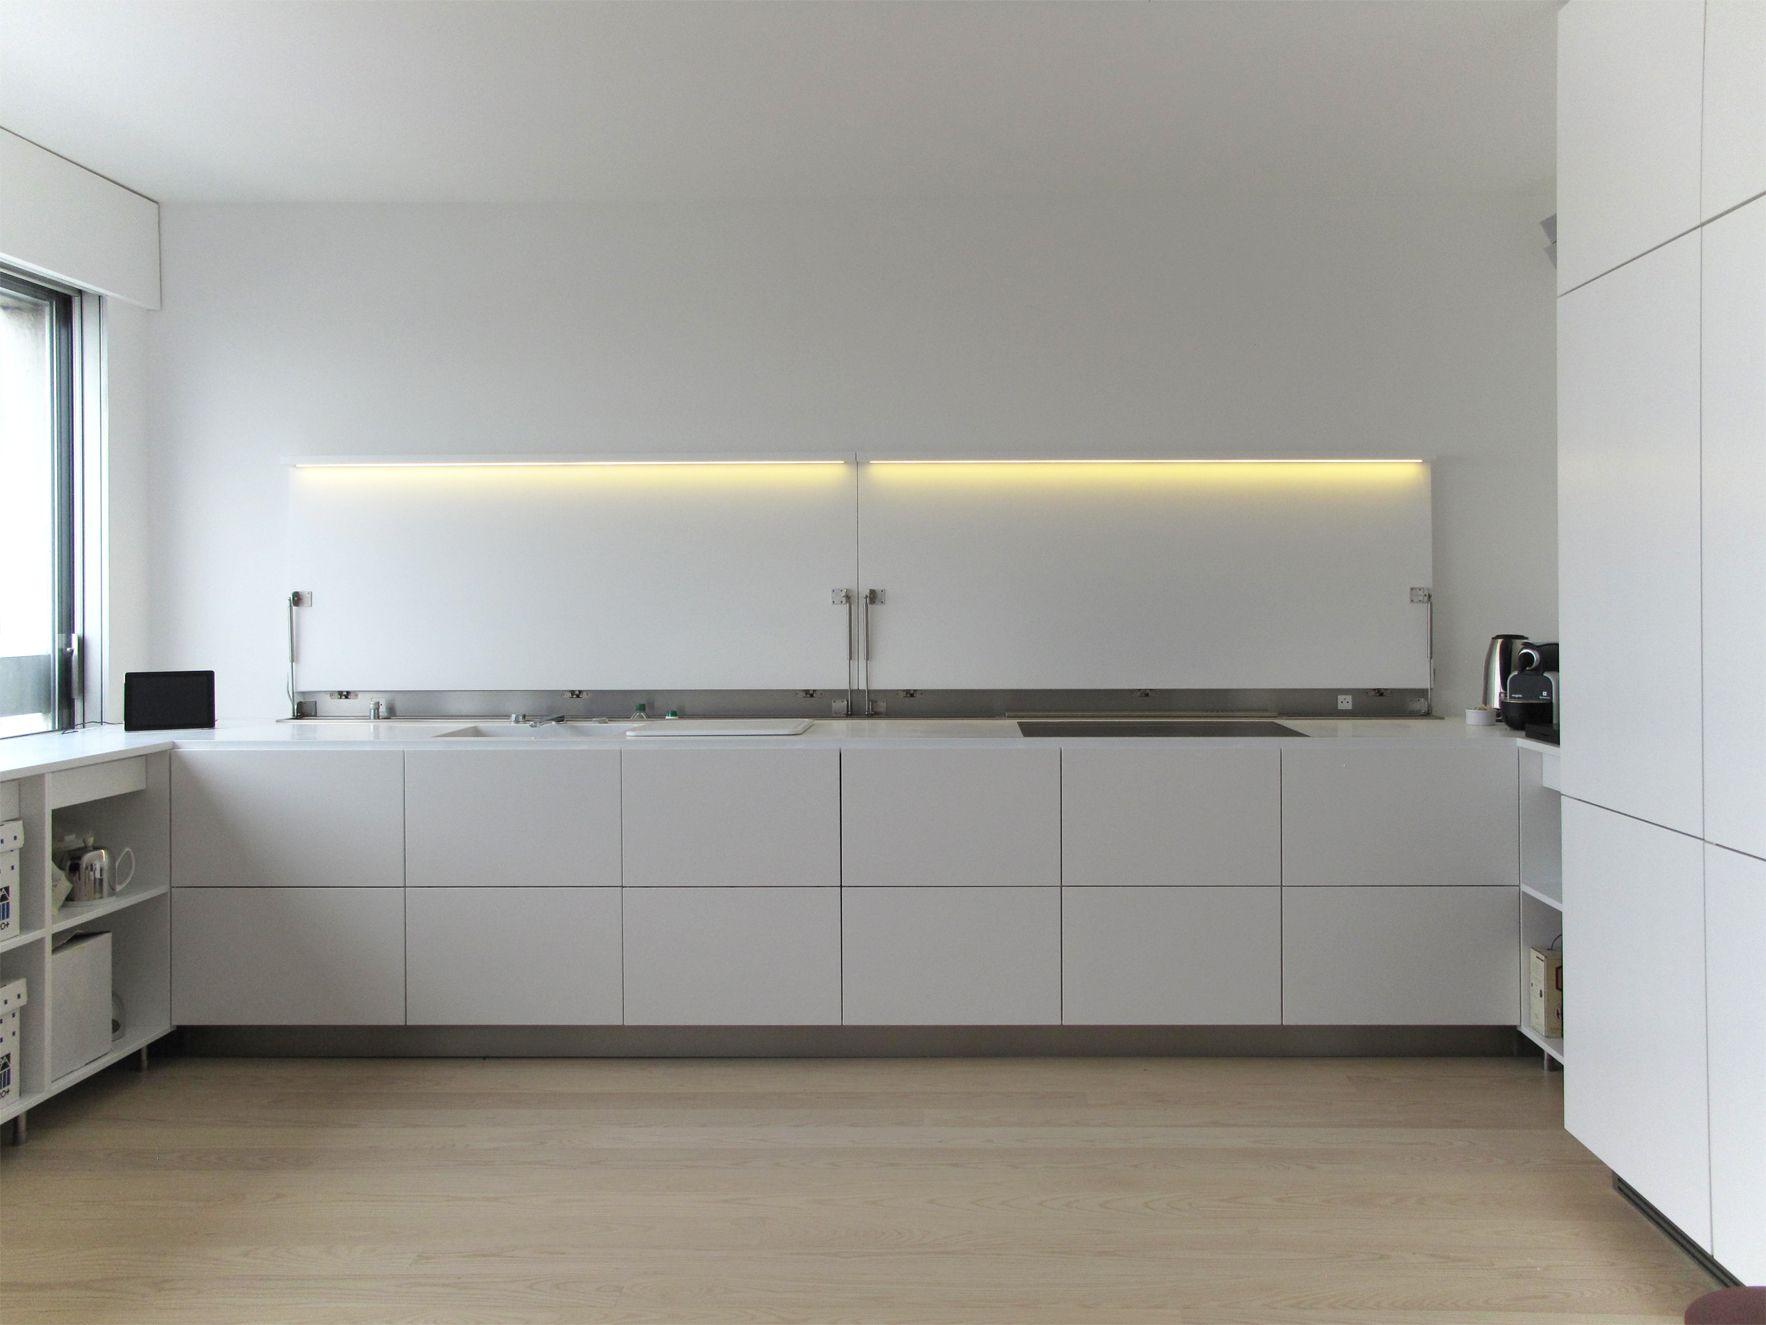 7 x 7 küchendesign modernes küchendesign  küchen  pinterest